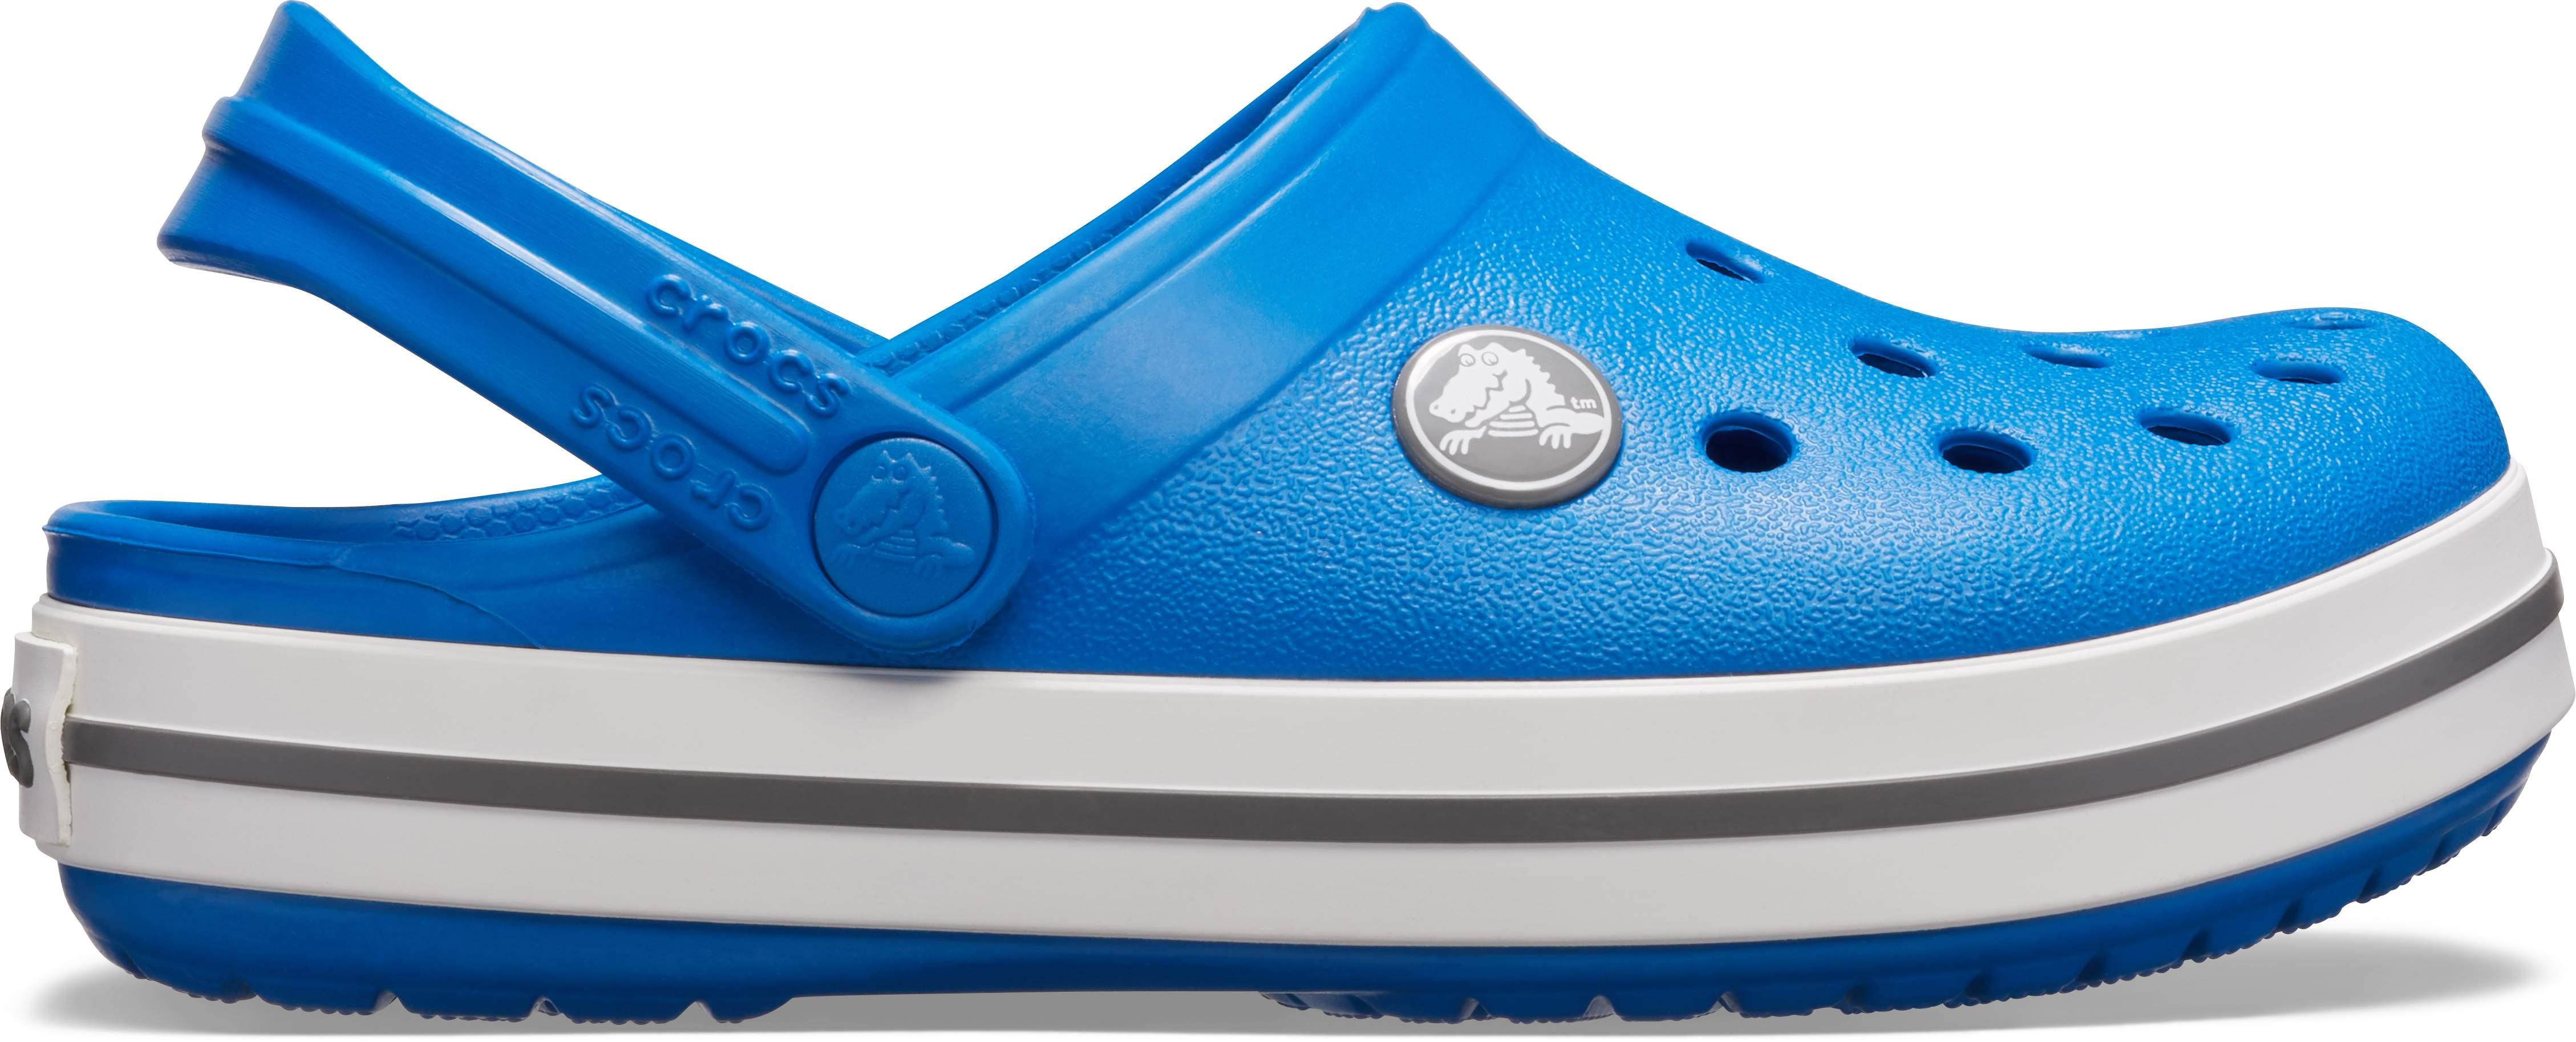 Crocs Kids Crocband II Clog